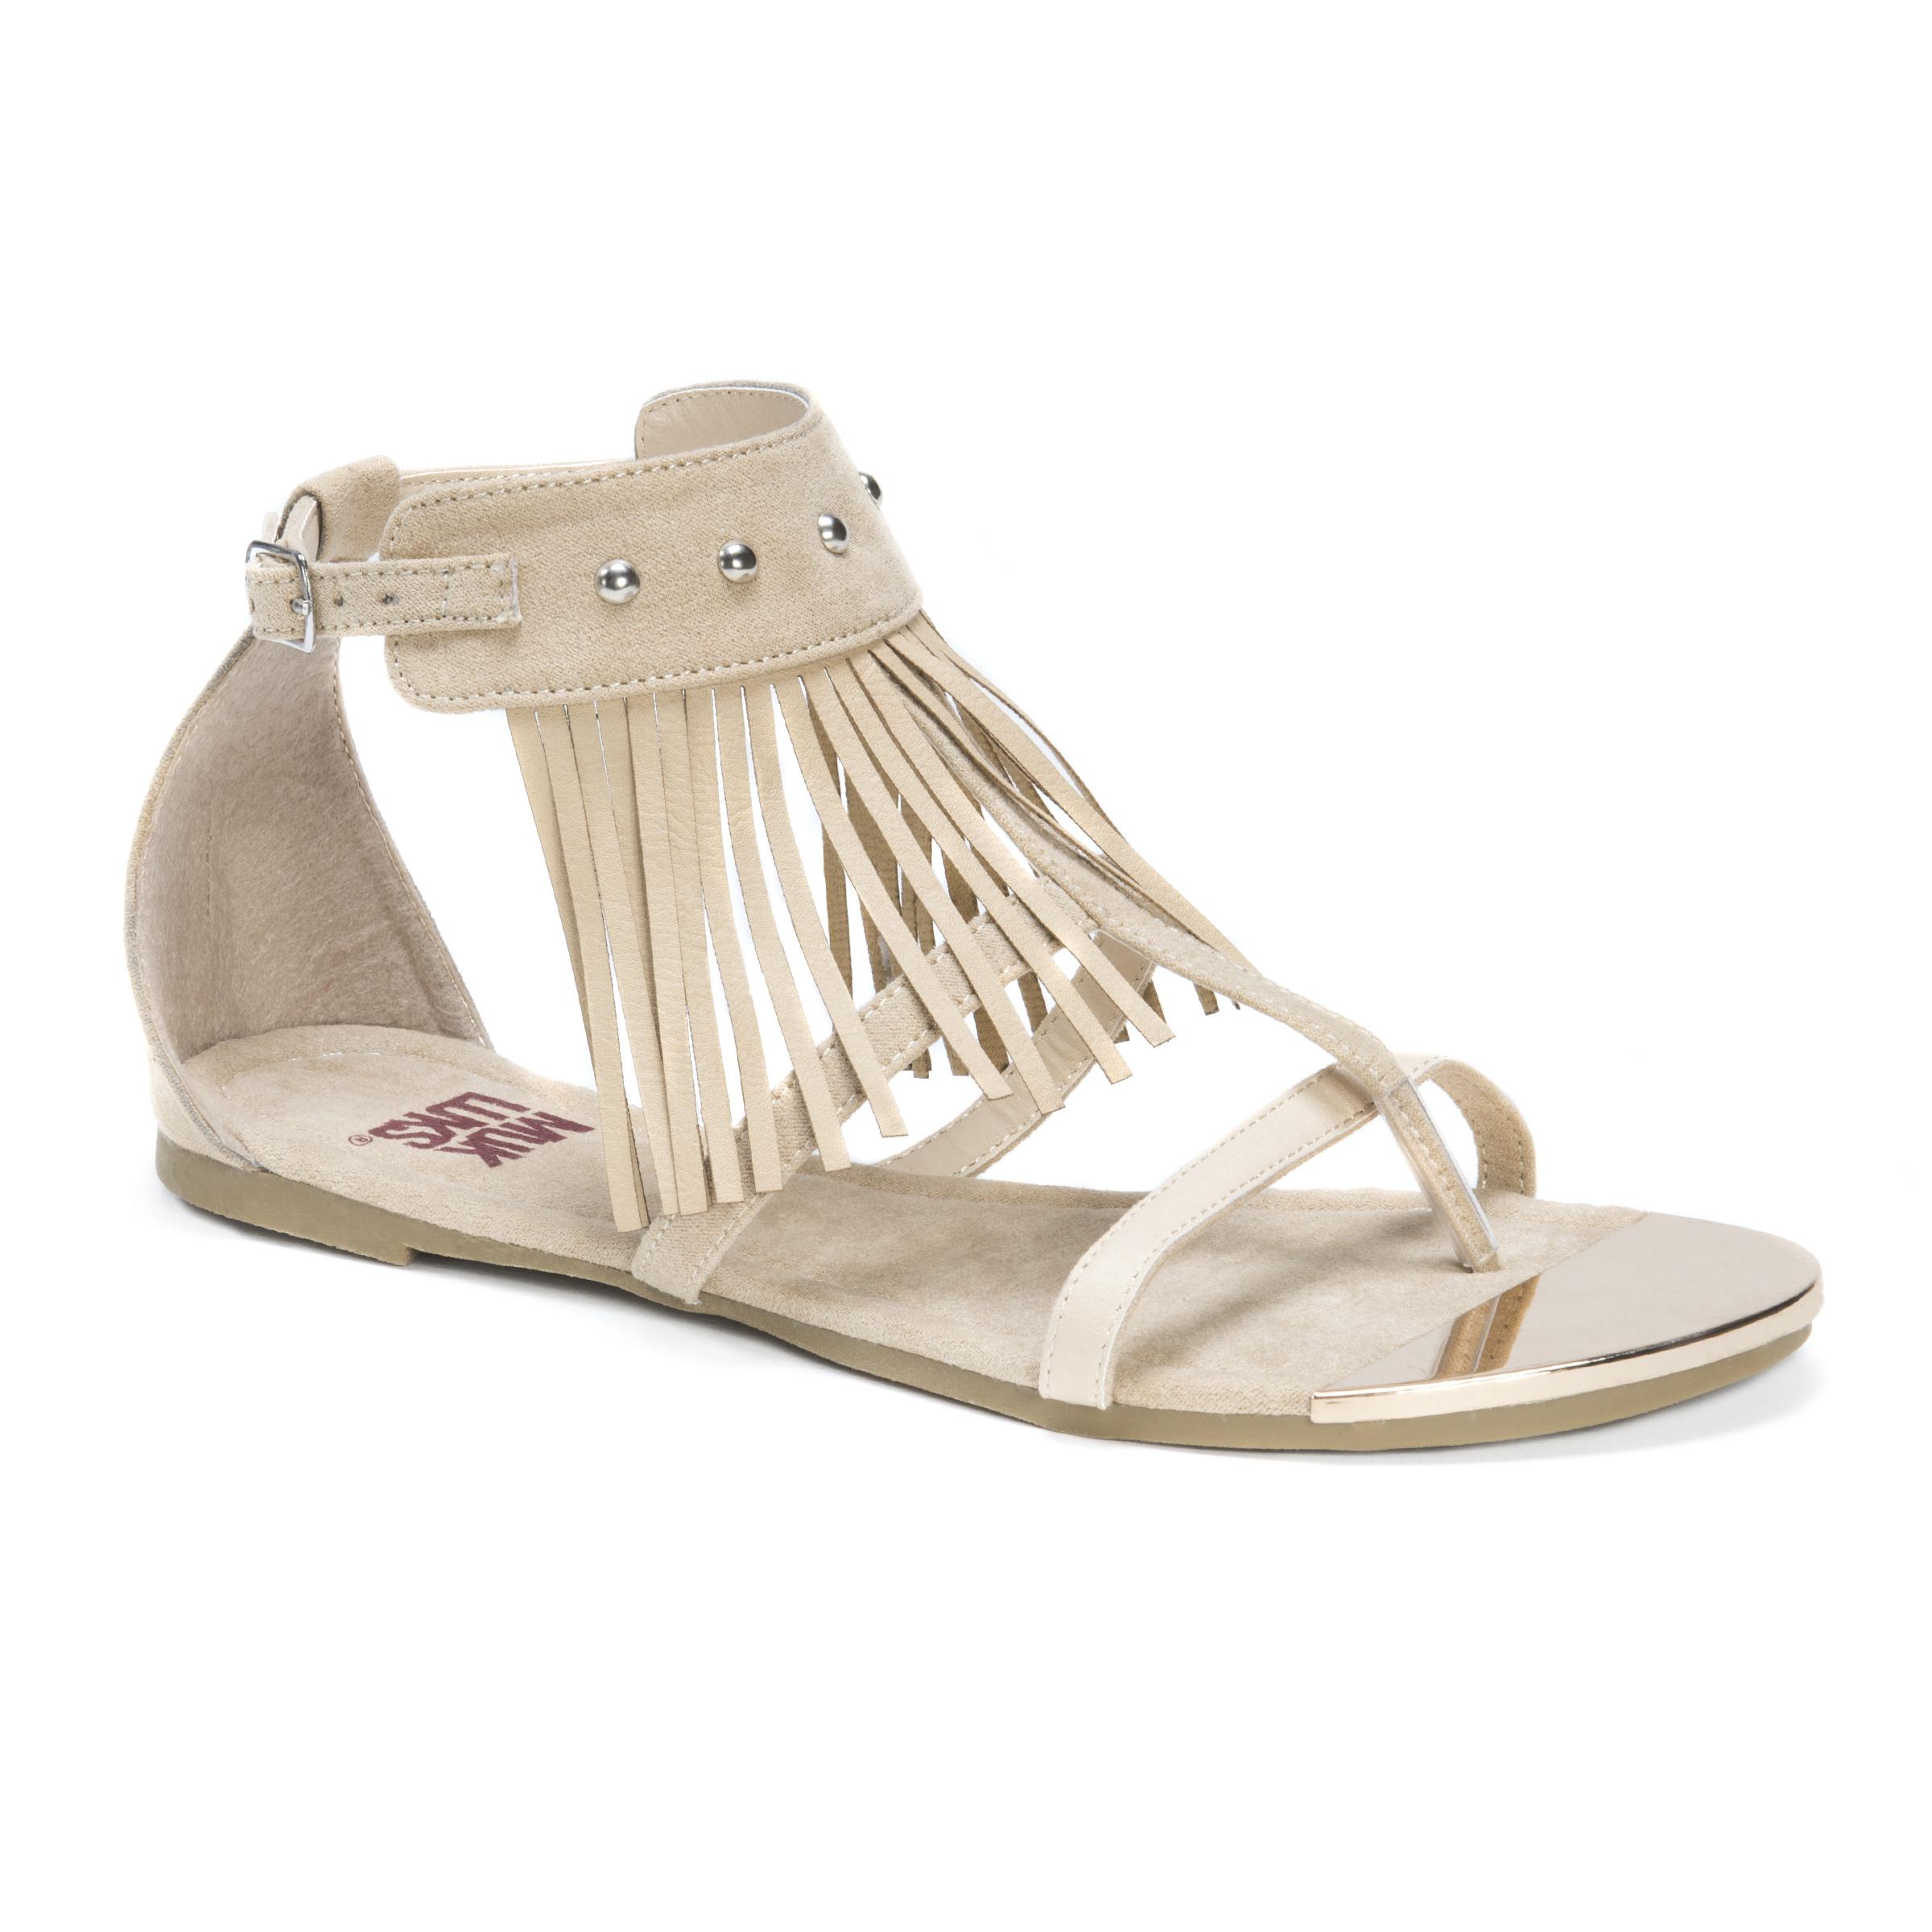 Home>Women's>Sandals>Women's Piper Sandals – Tan